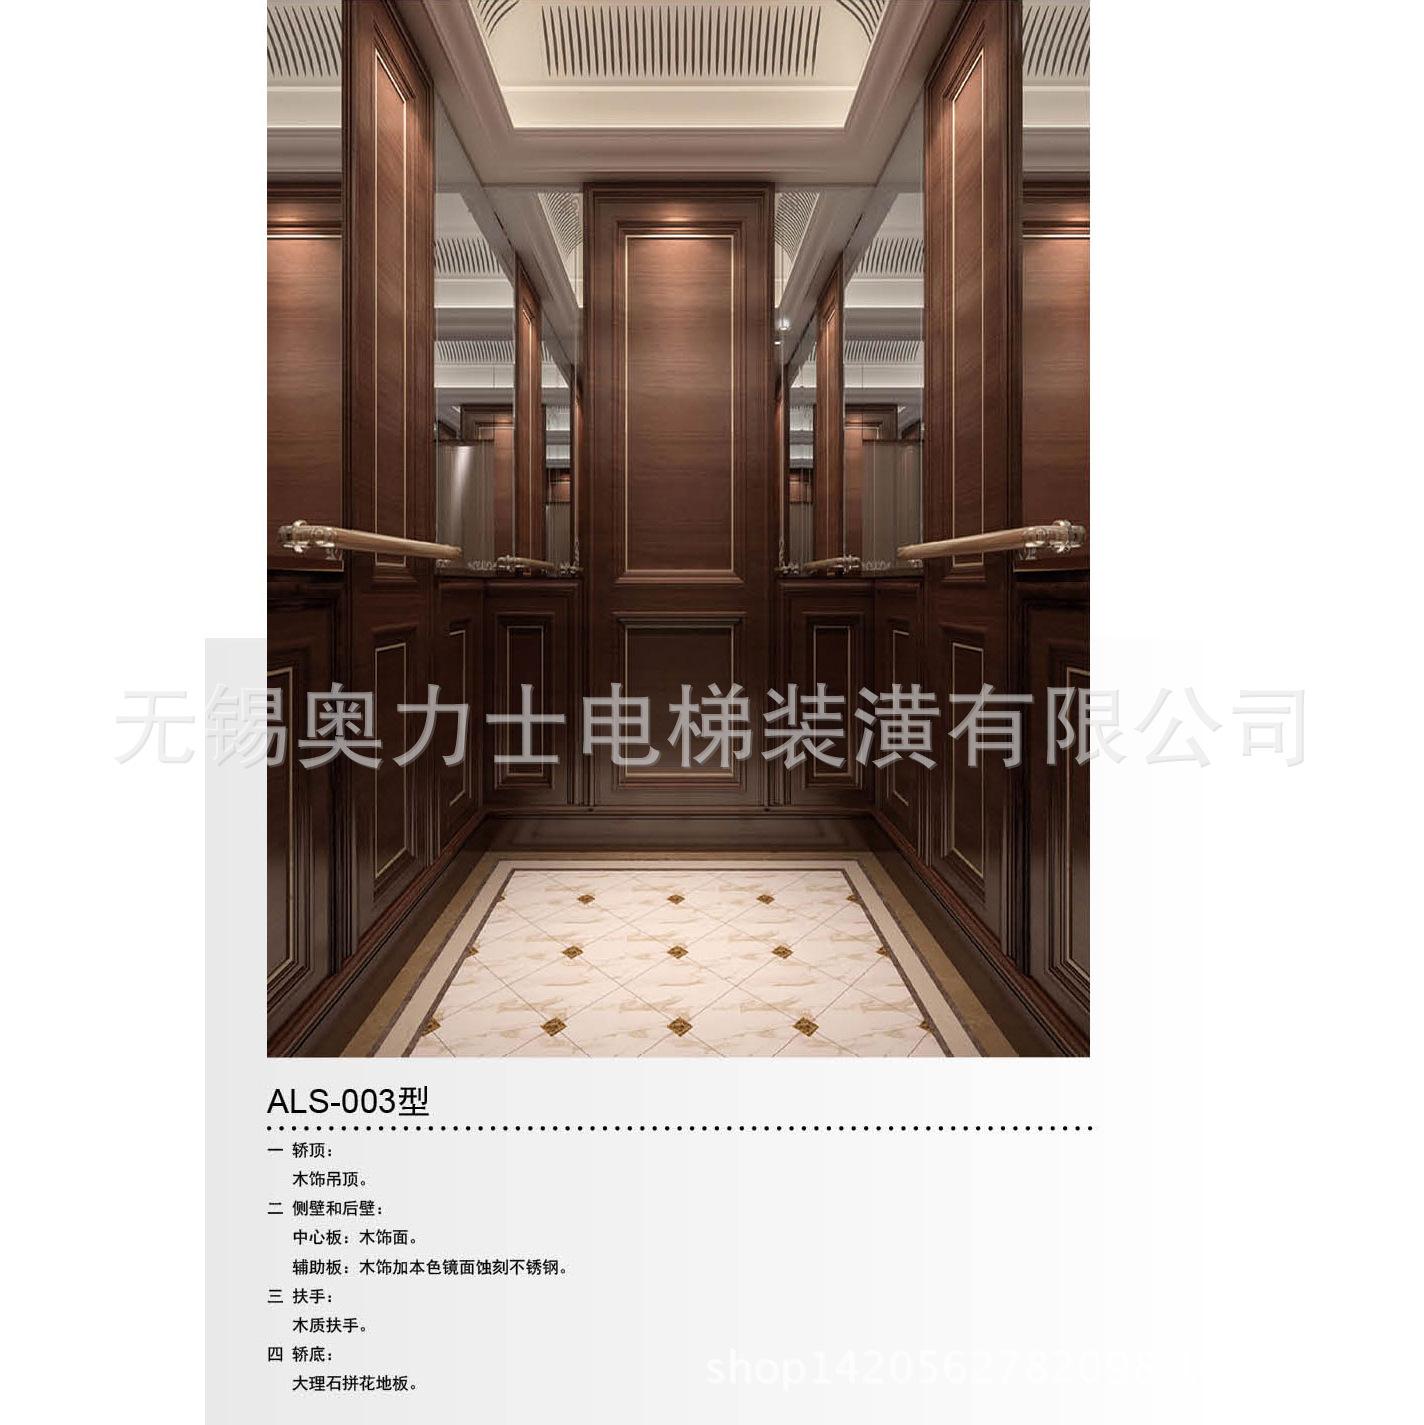 电梯轿厢 钛金蚀刻轿厢 电梯装潢 钛金蚀刻电梯轿厢 阿里巴巴